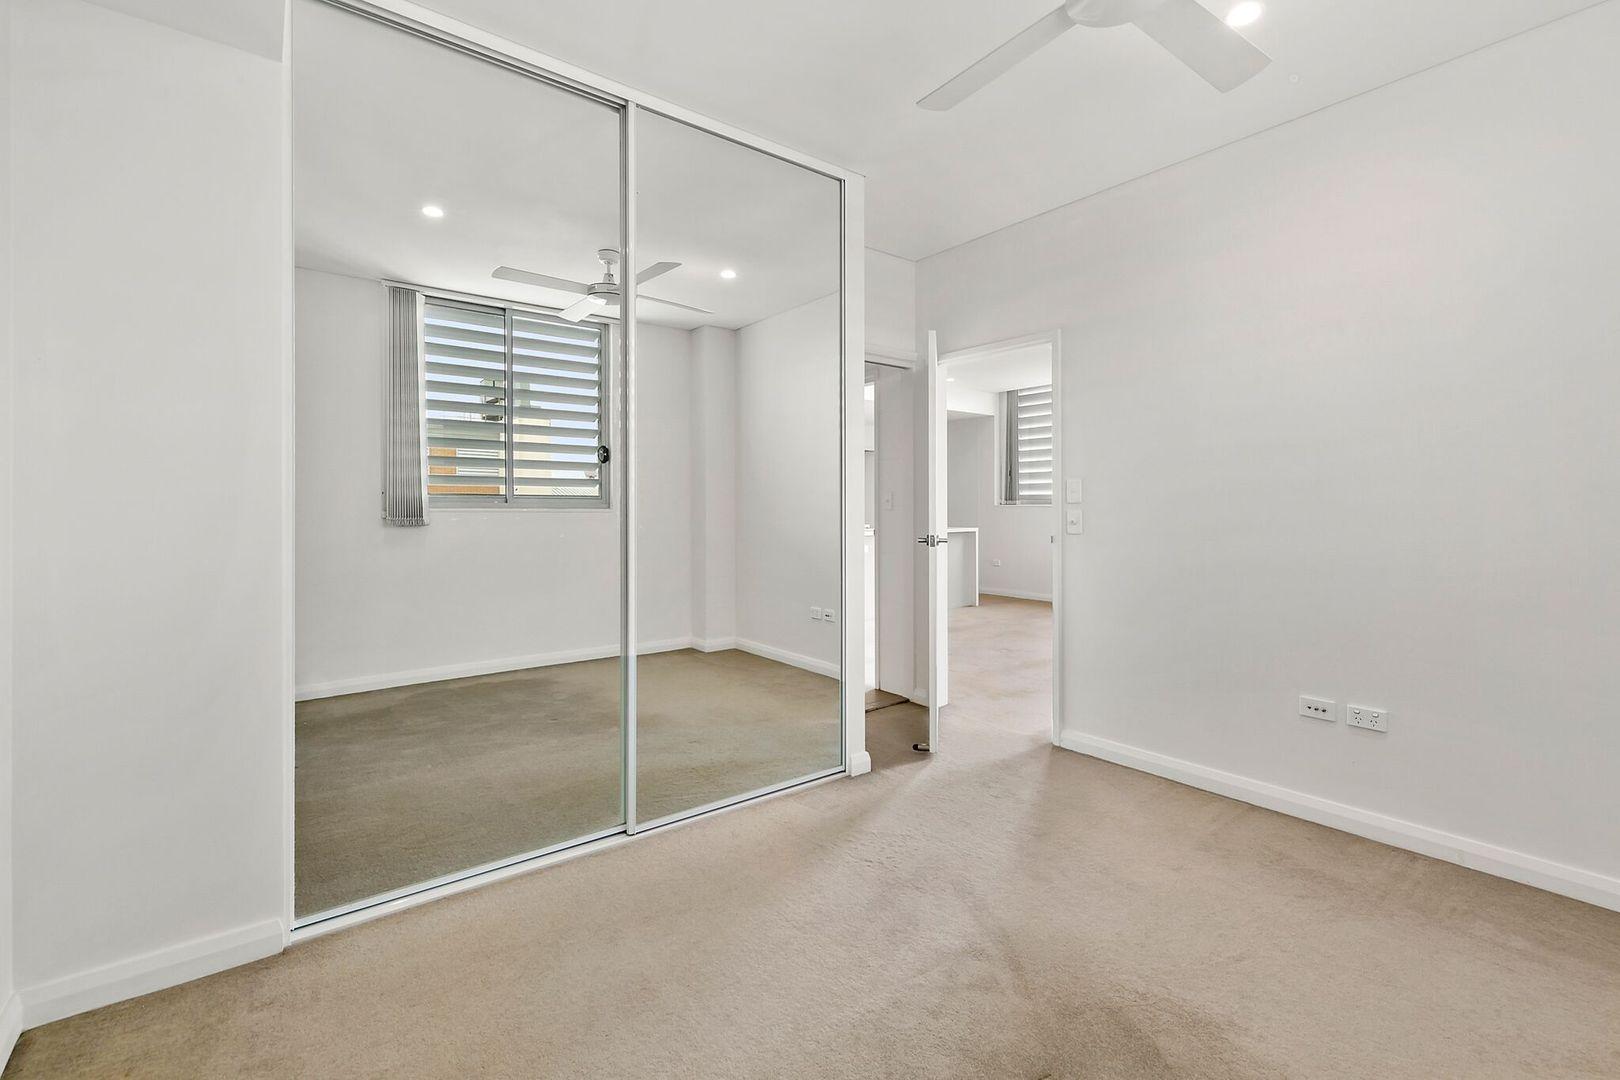 C43/1-7 Daunt Avenue, Matraville NSW 2036, Image 1